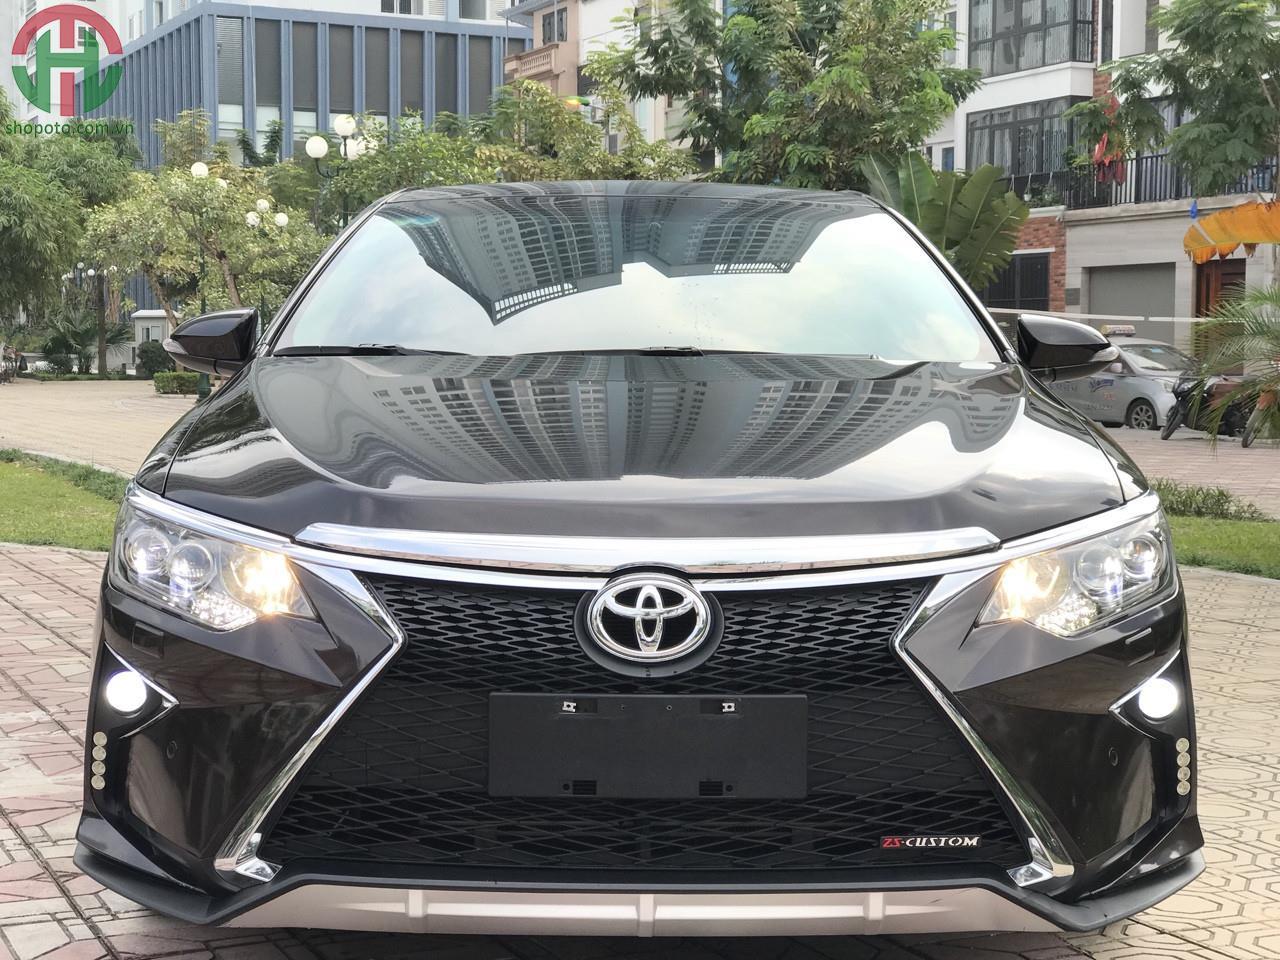 Toyota Camry 2.5 Q 2018 Màu Nâu Đen